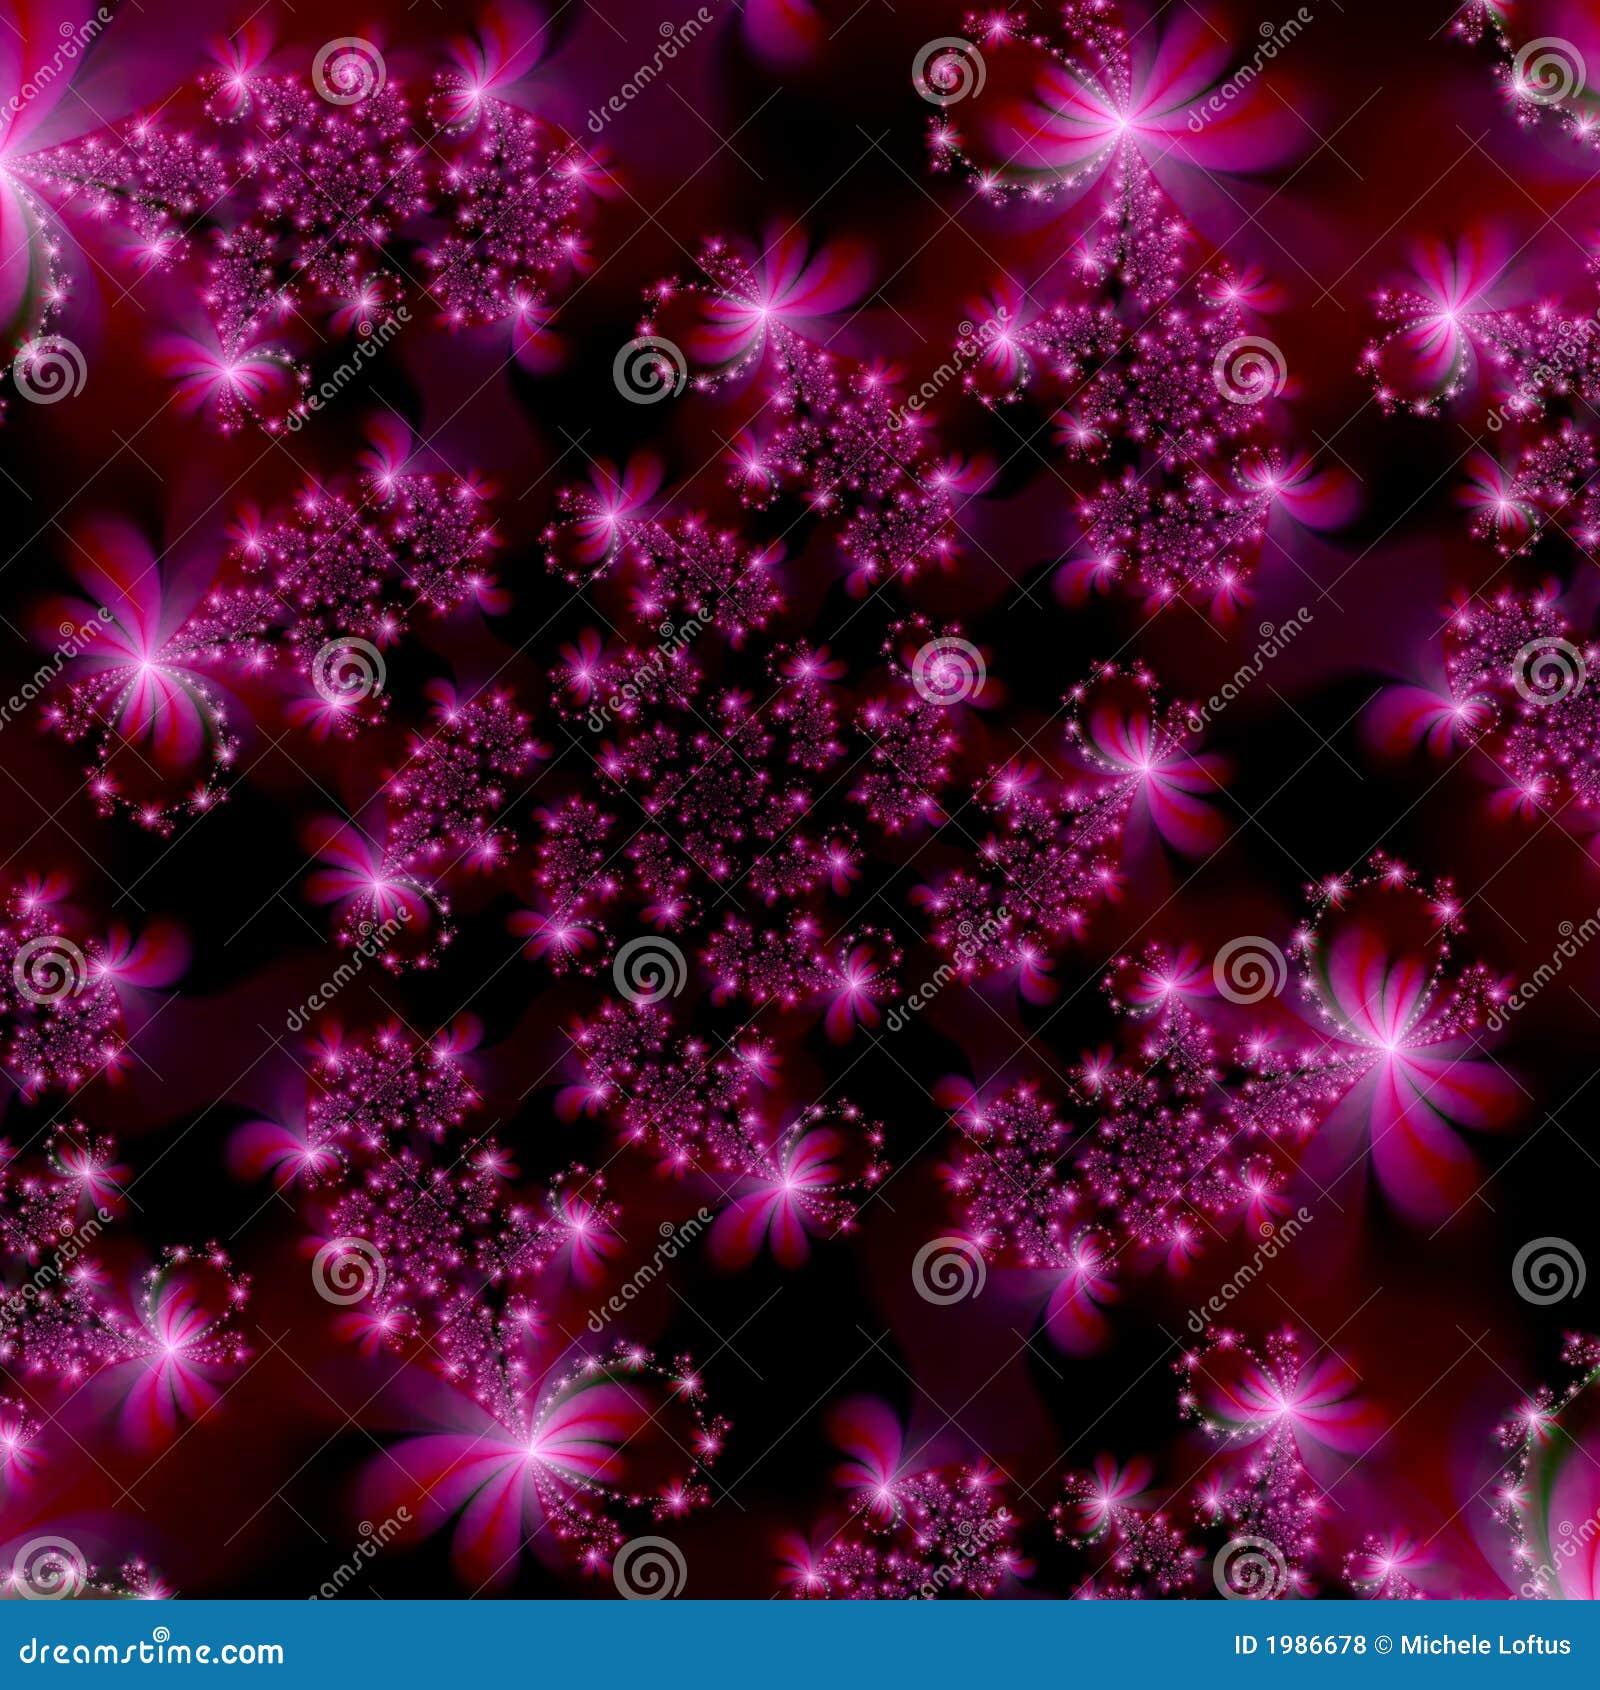 Fractal abstrakcyjnych tła magenta różowego przestrzeni gwiazdy